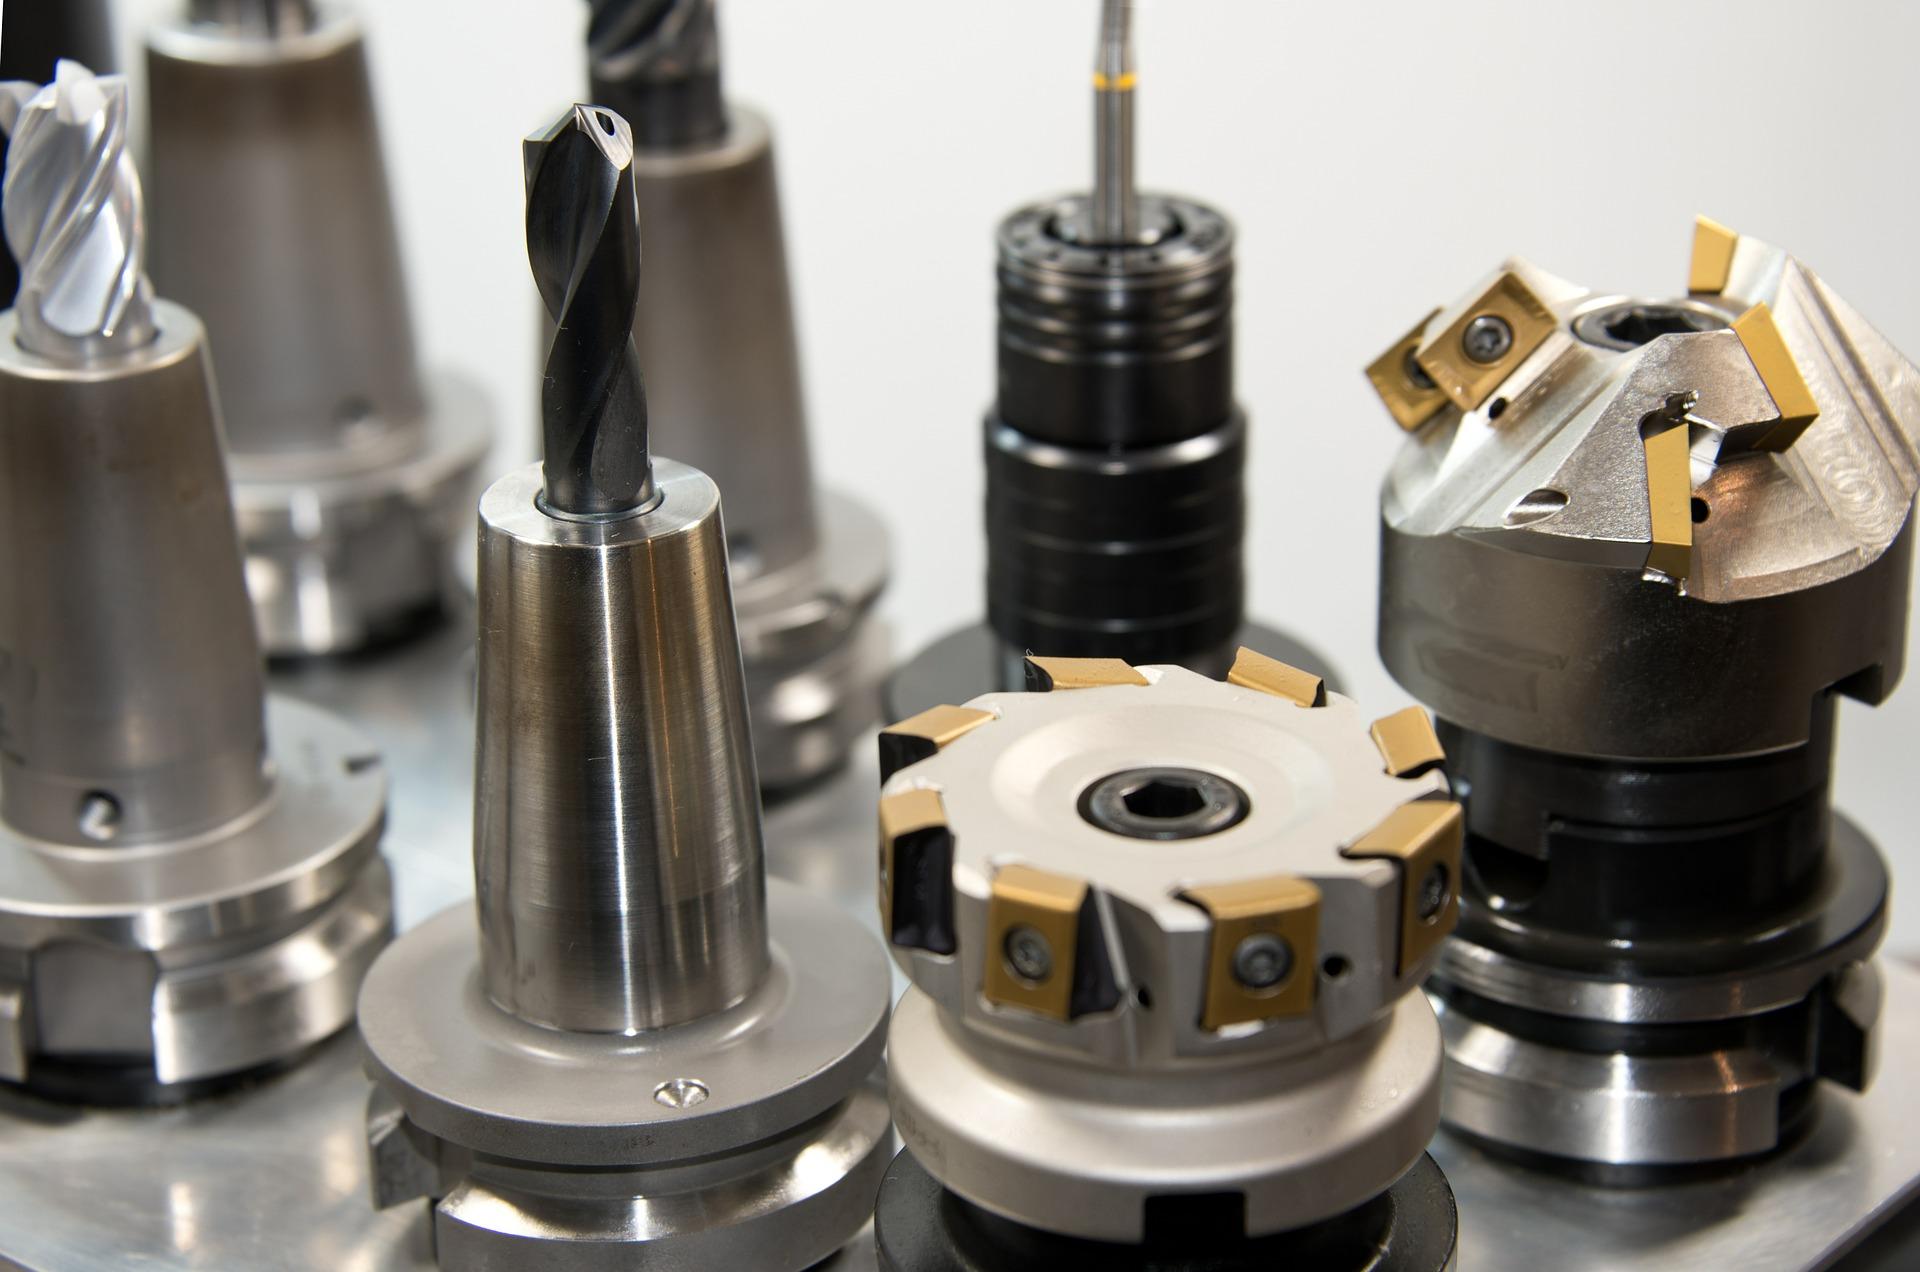 drill-444496_1920